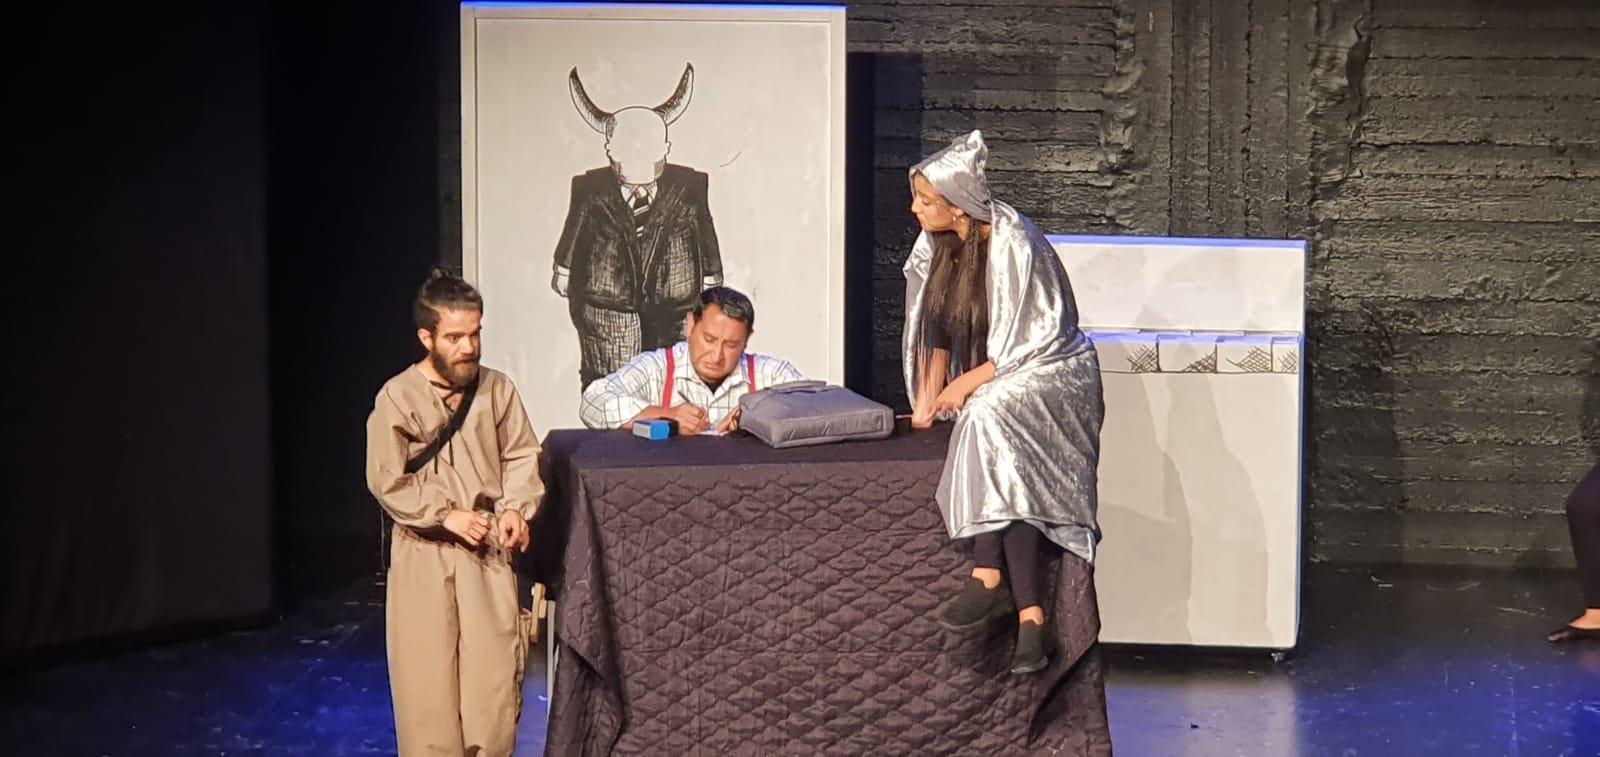 أكاديمية فرينج الناصرة تحتفل هذا الأسبوع بتخريج الفوج الثاني من طلاب فرع التمثيل الجدد وعرض مسرحيتهم الأولى-7